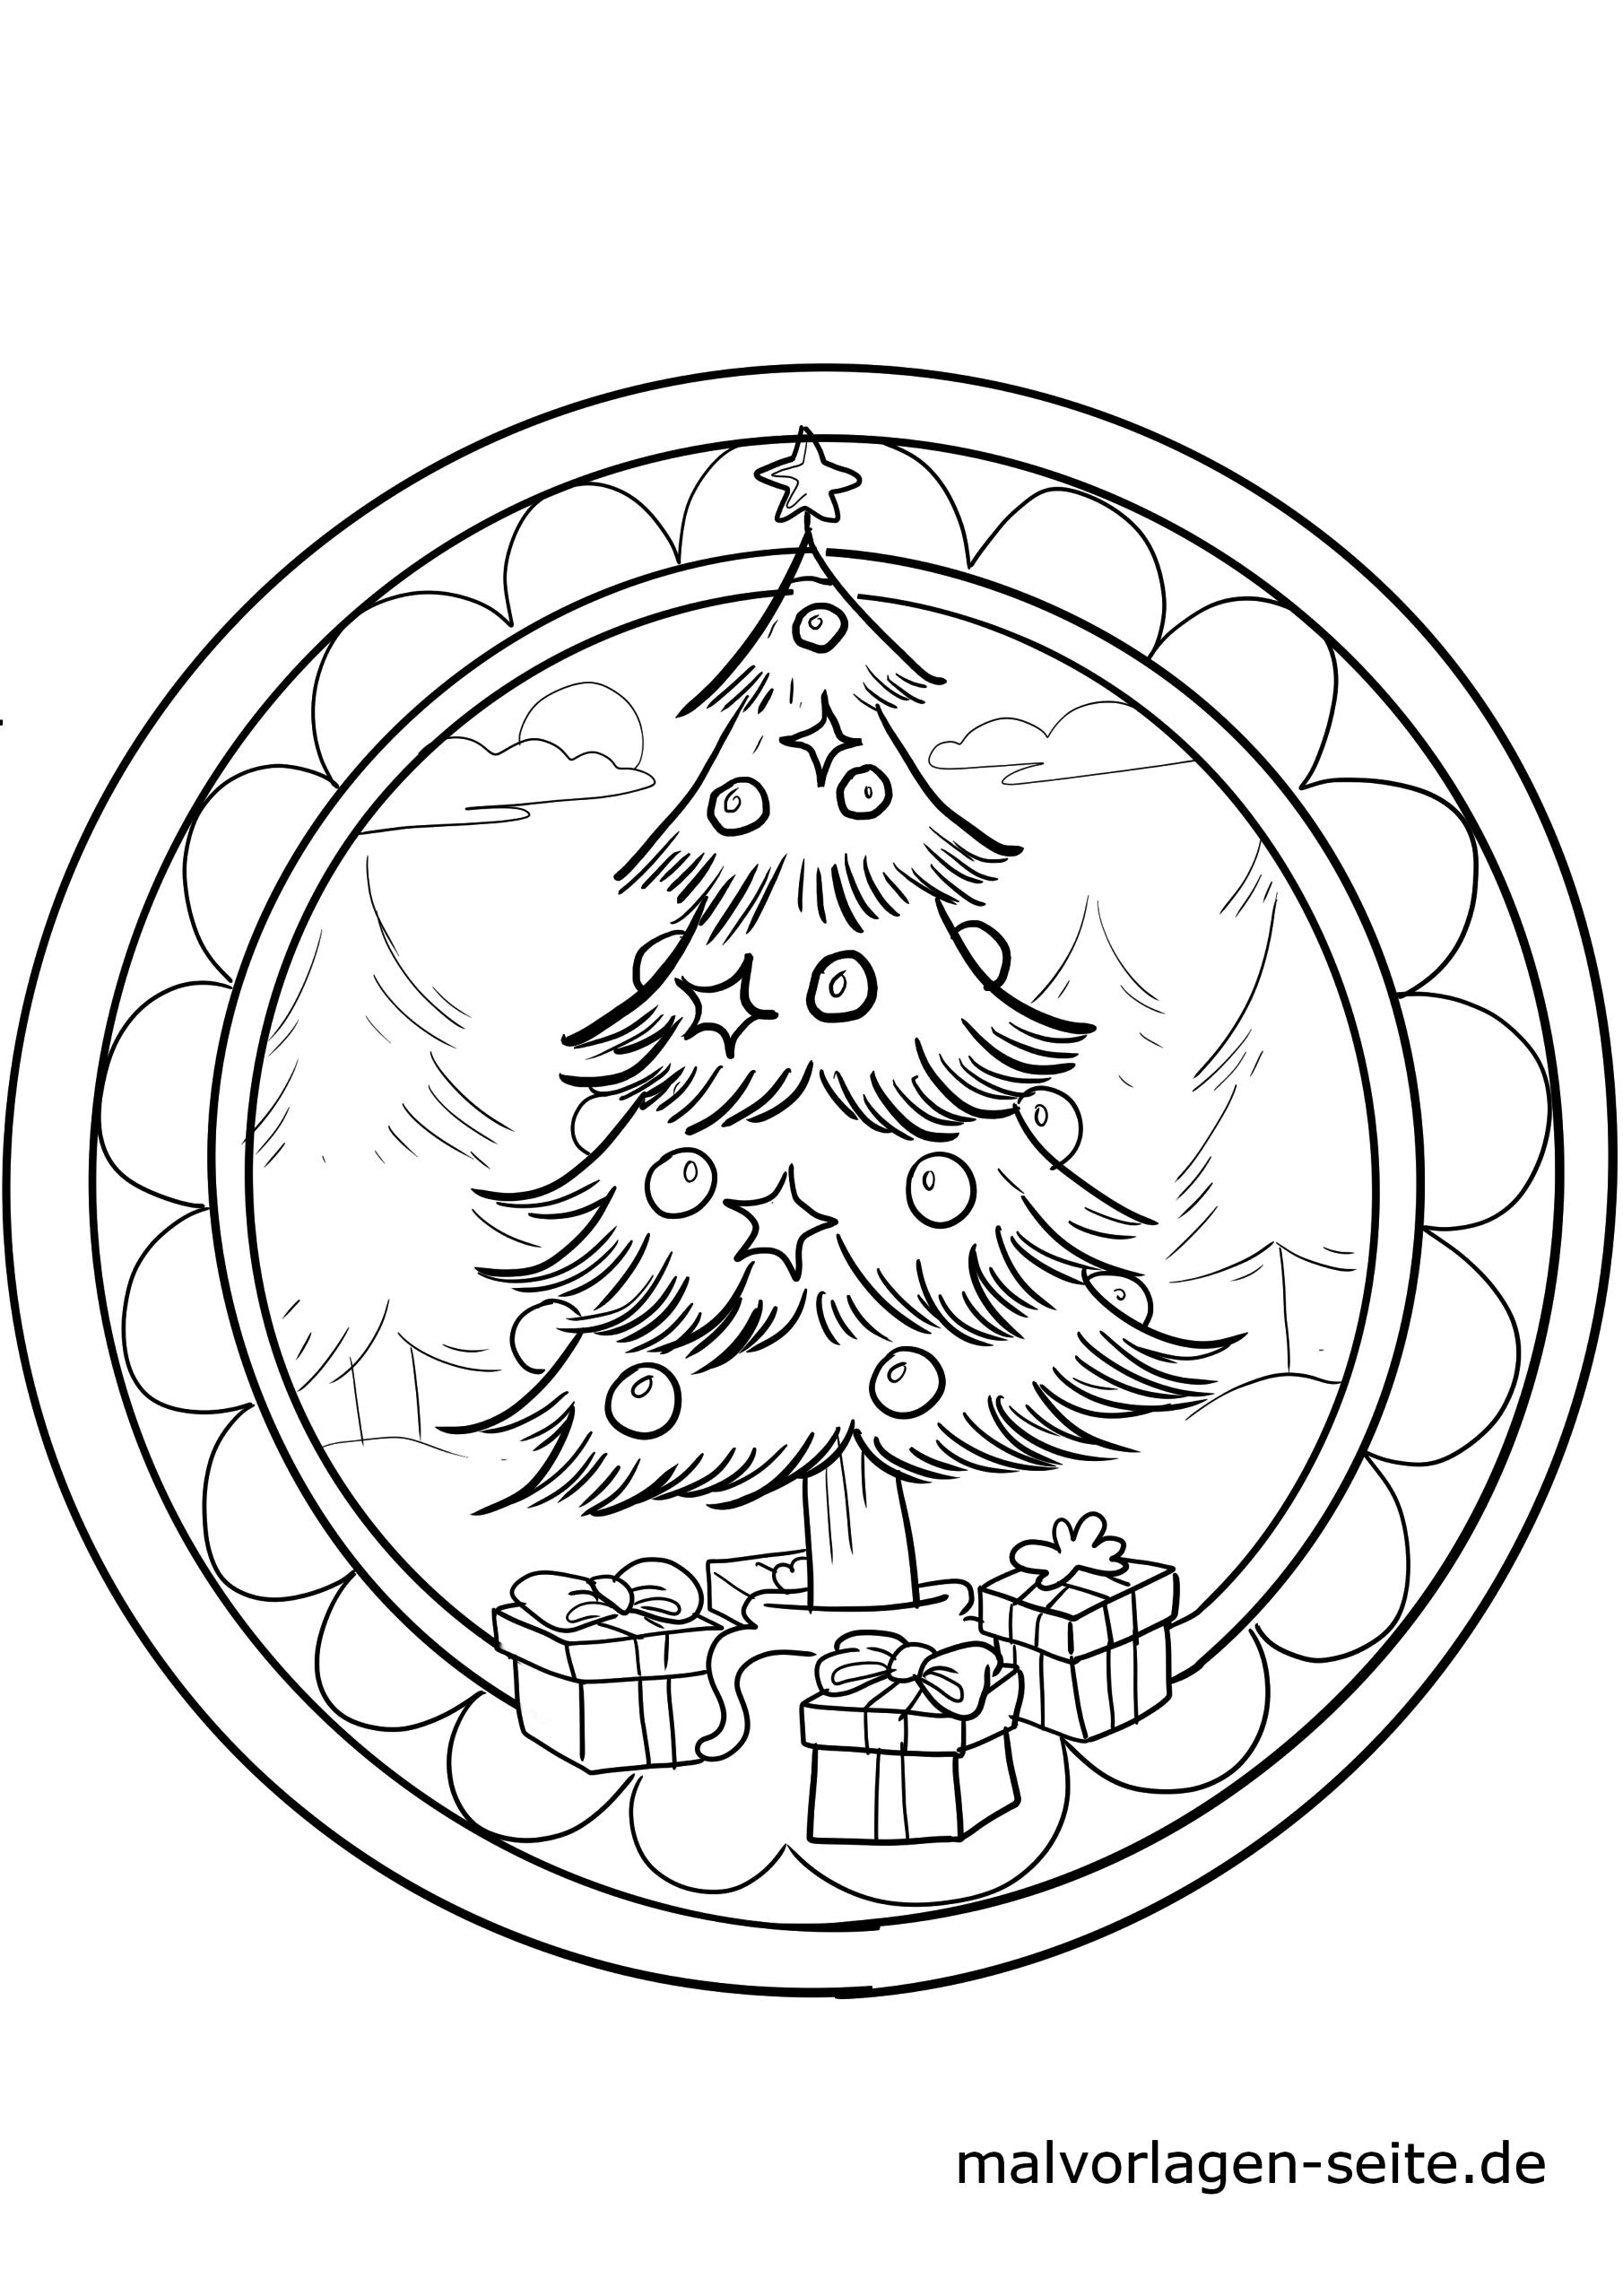 Ausmalbilder Weihnachten - Kostenlose Ausmalbilder